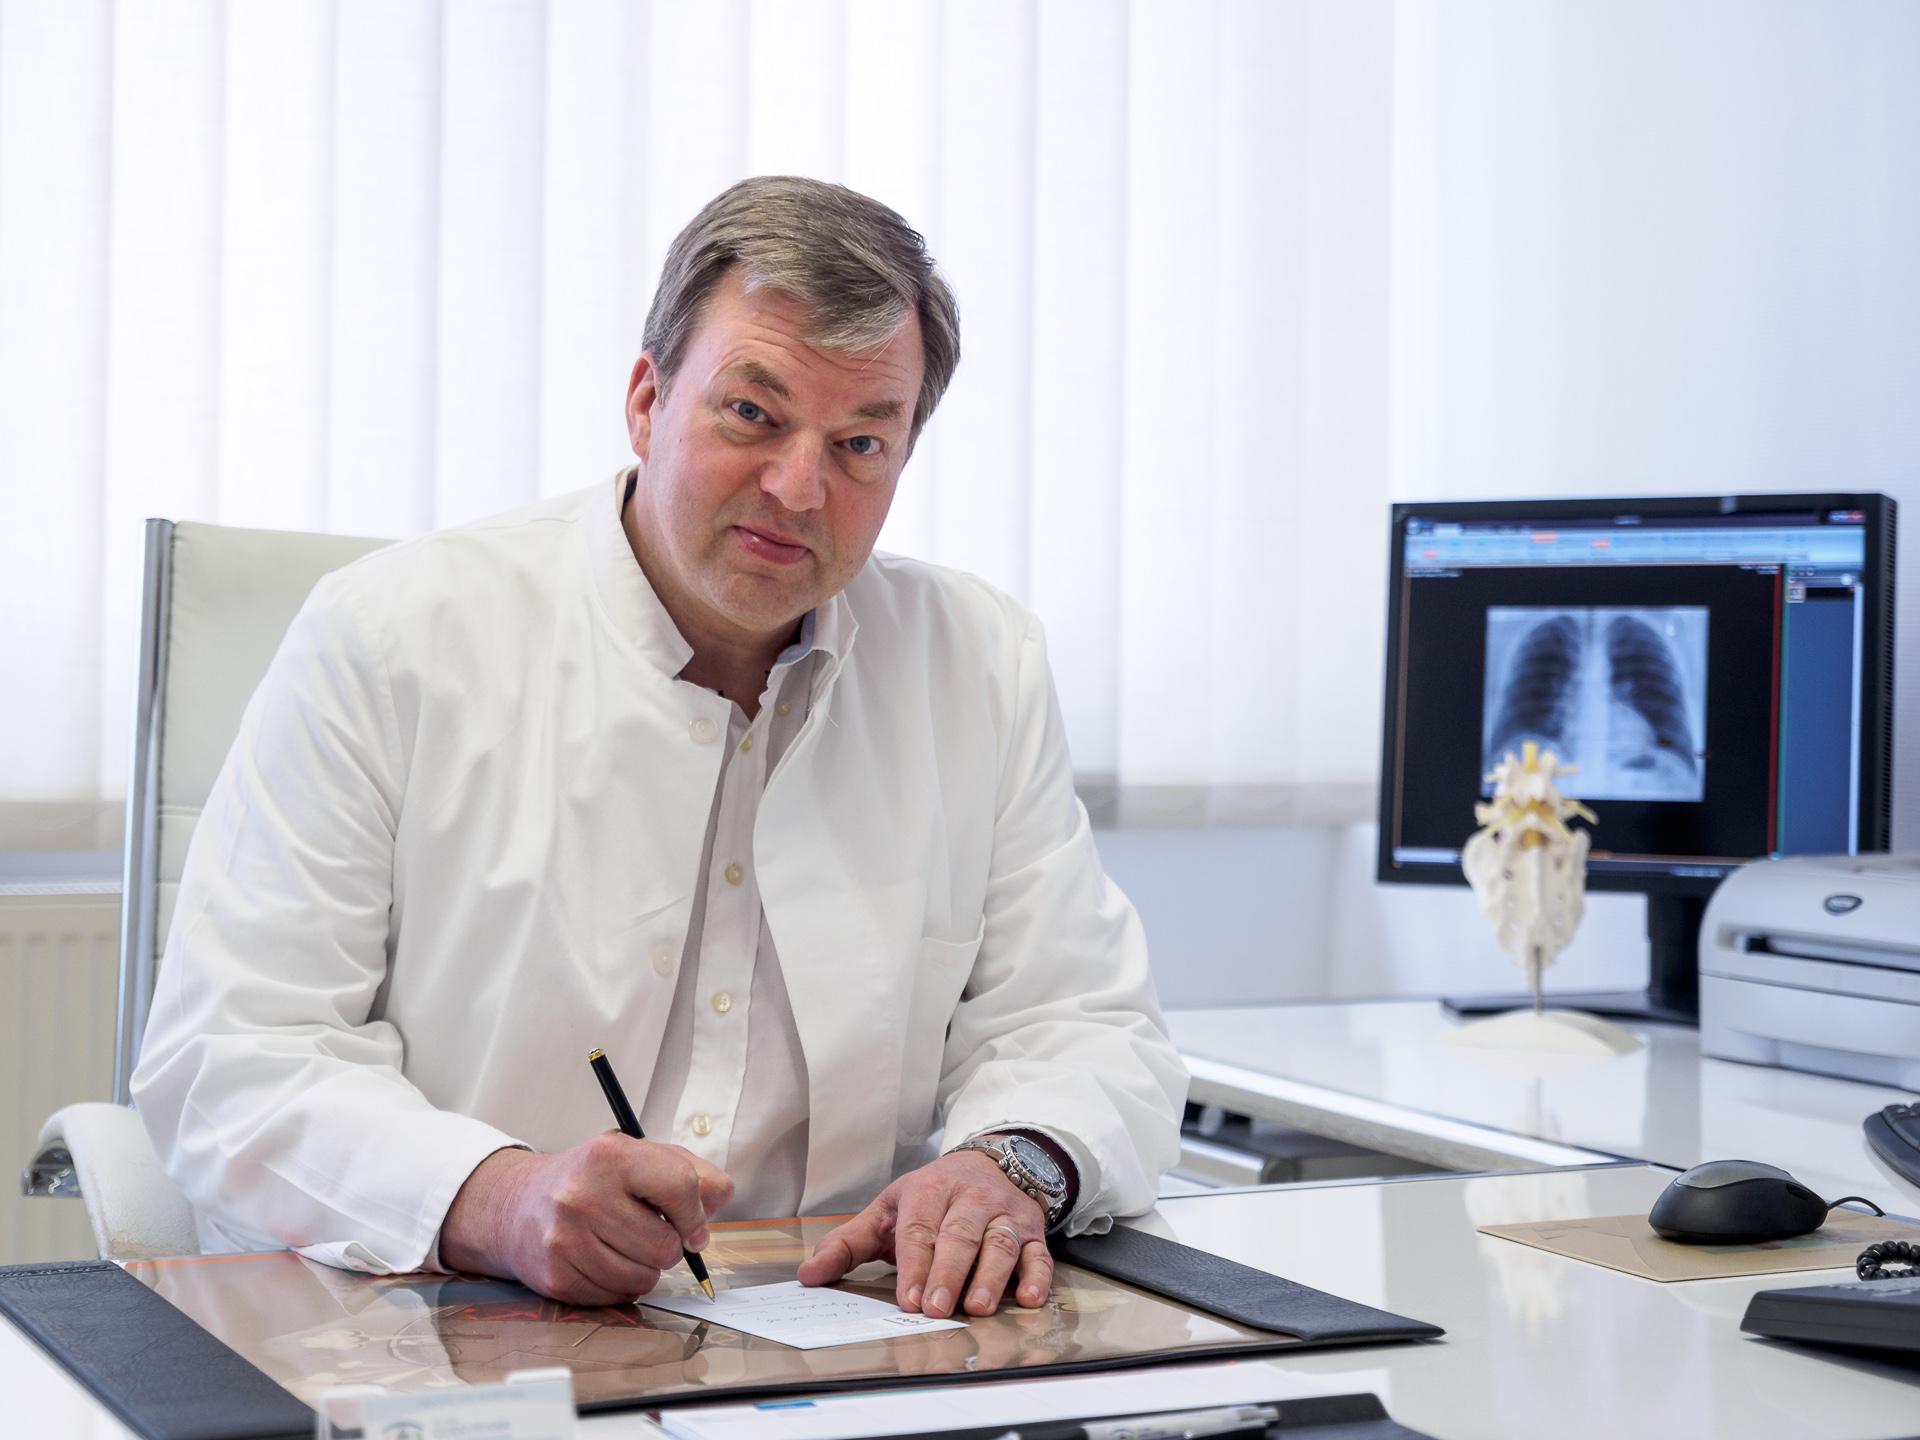 Facharzt für Allgemeinmedizin Dr. med. Feyder